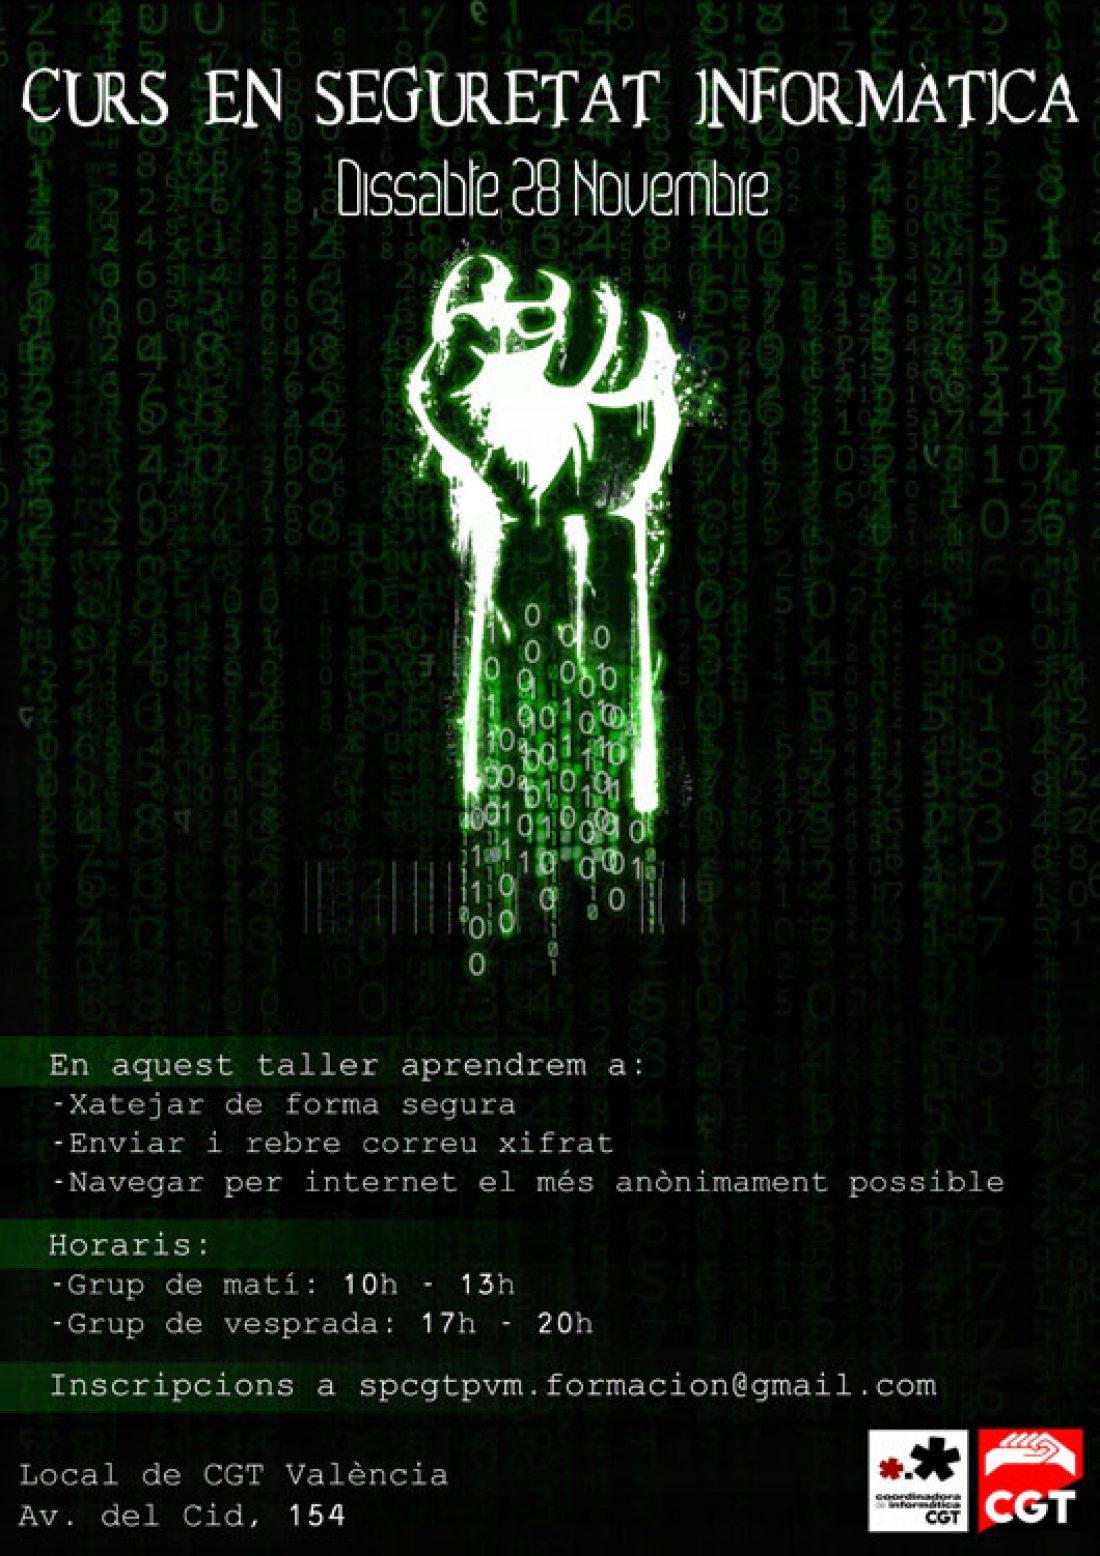 28-n Valencia: Curso de Formación en Seguridad Informática